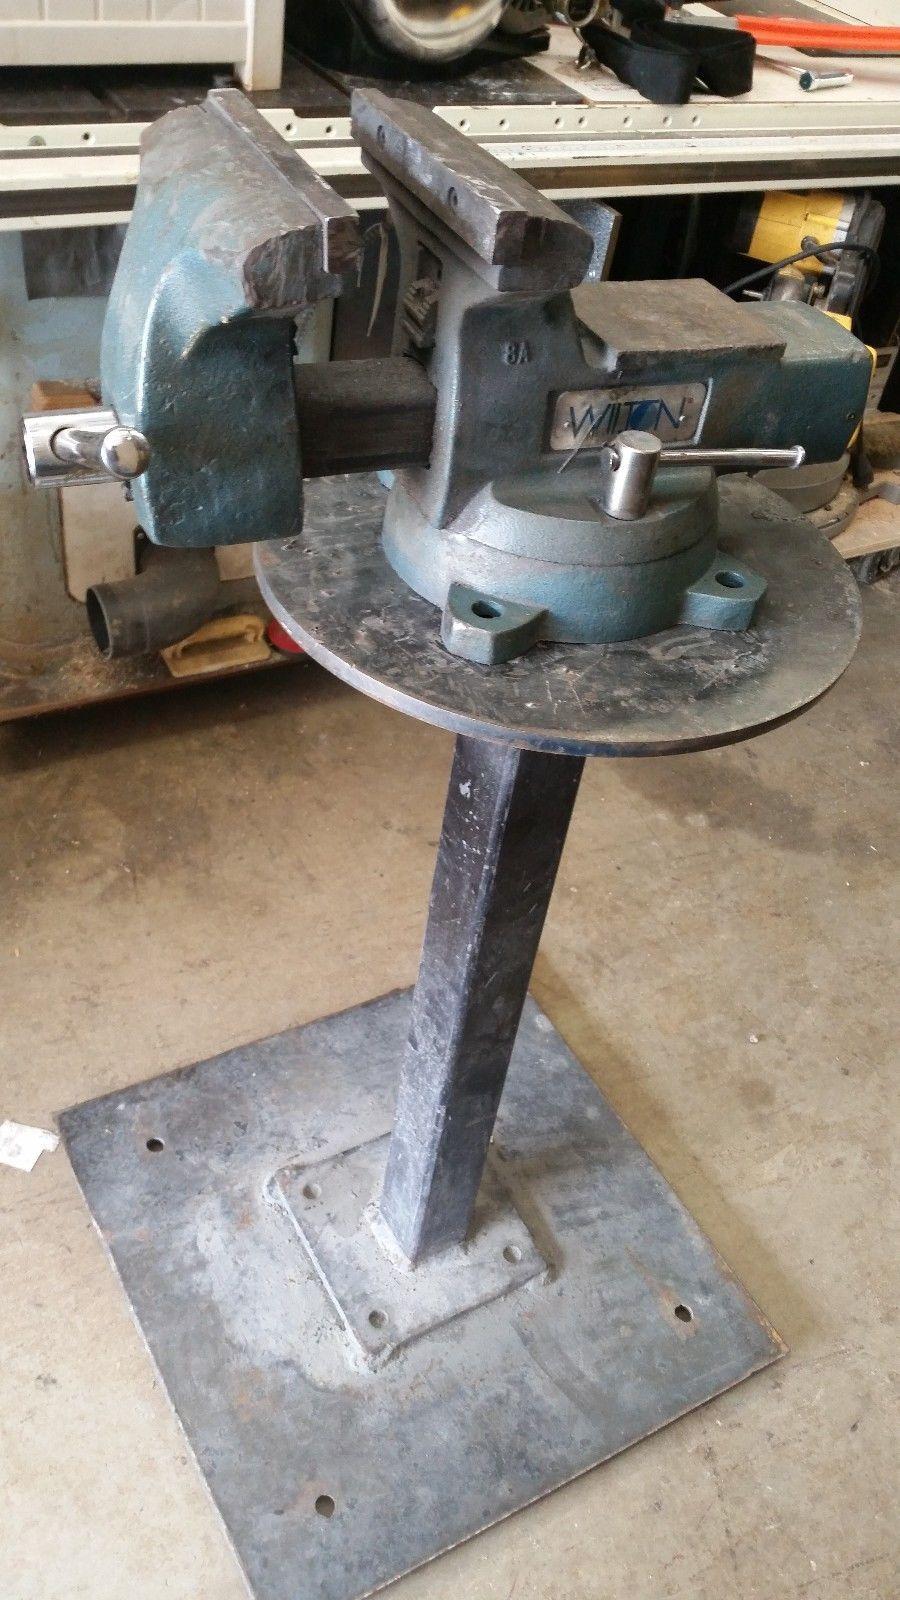 Wilton Mechanics swivel base vise 748A pipe vise 1/2